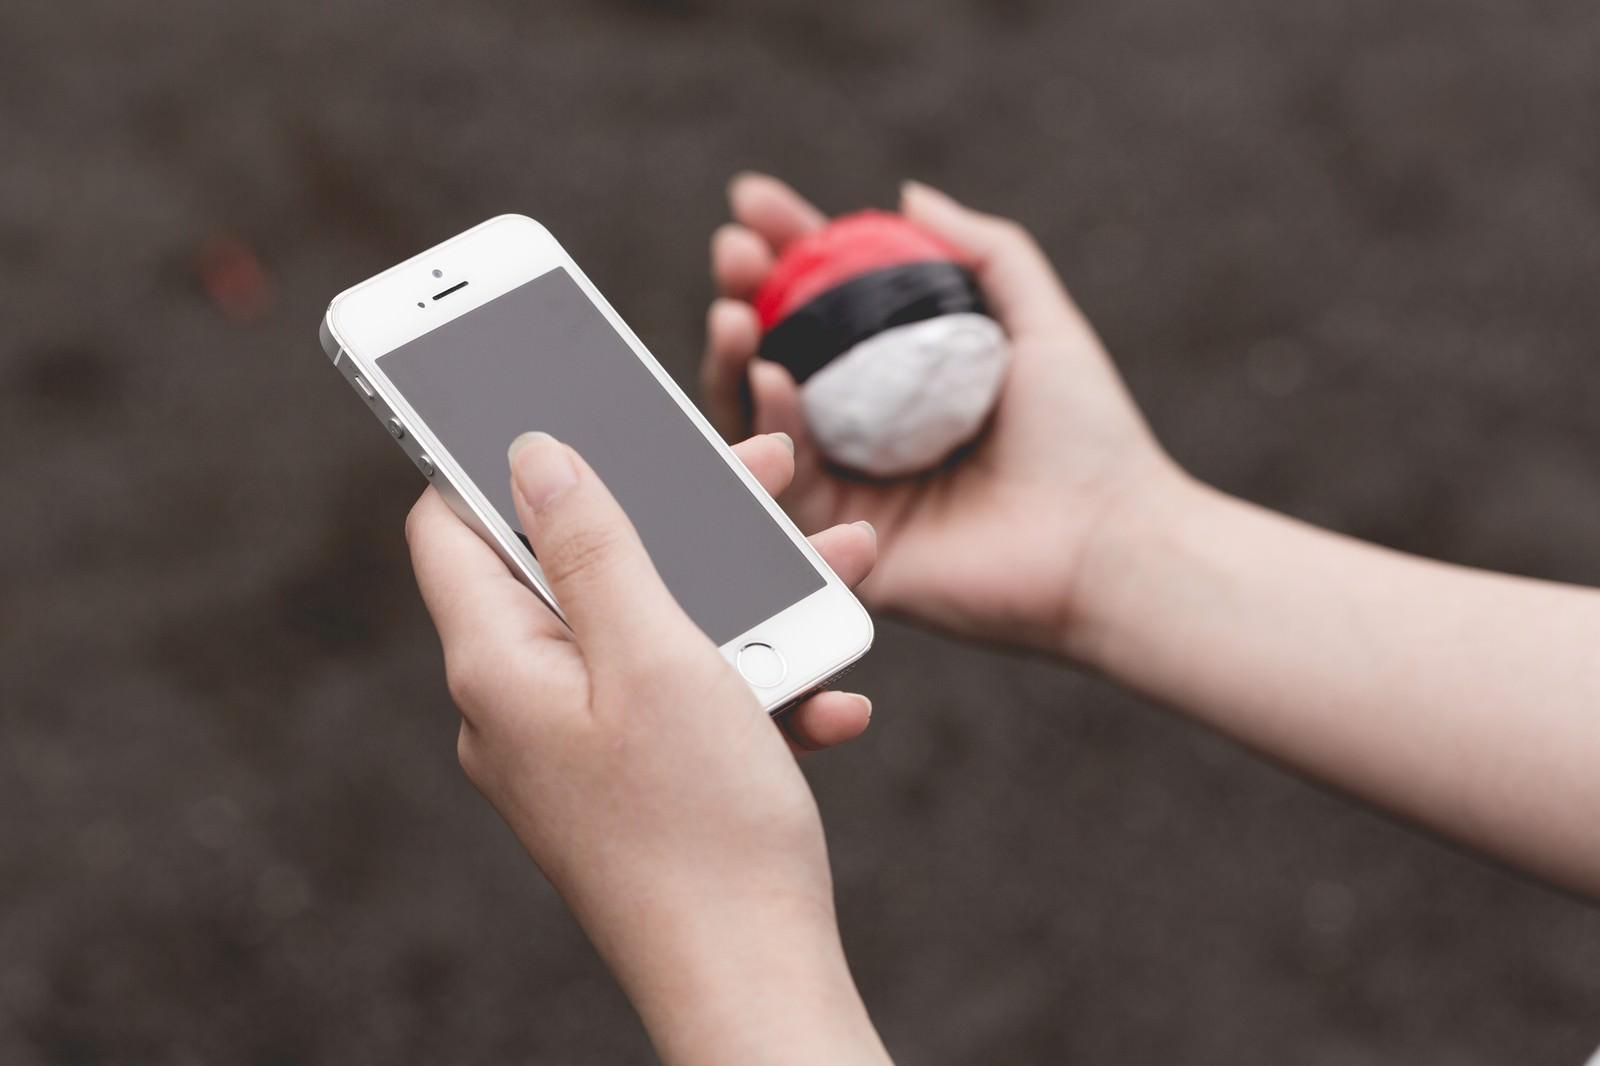 「近くにいる野生の紅白ボールを探すプレイ近くにいる野生の紅白ボールを探すプレイ」のフリー写真素材を拡大